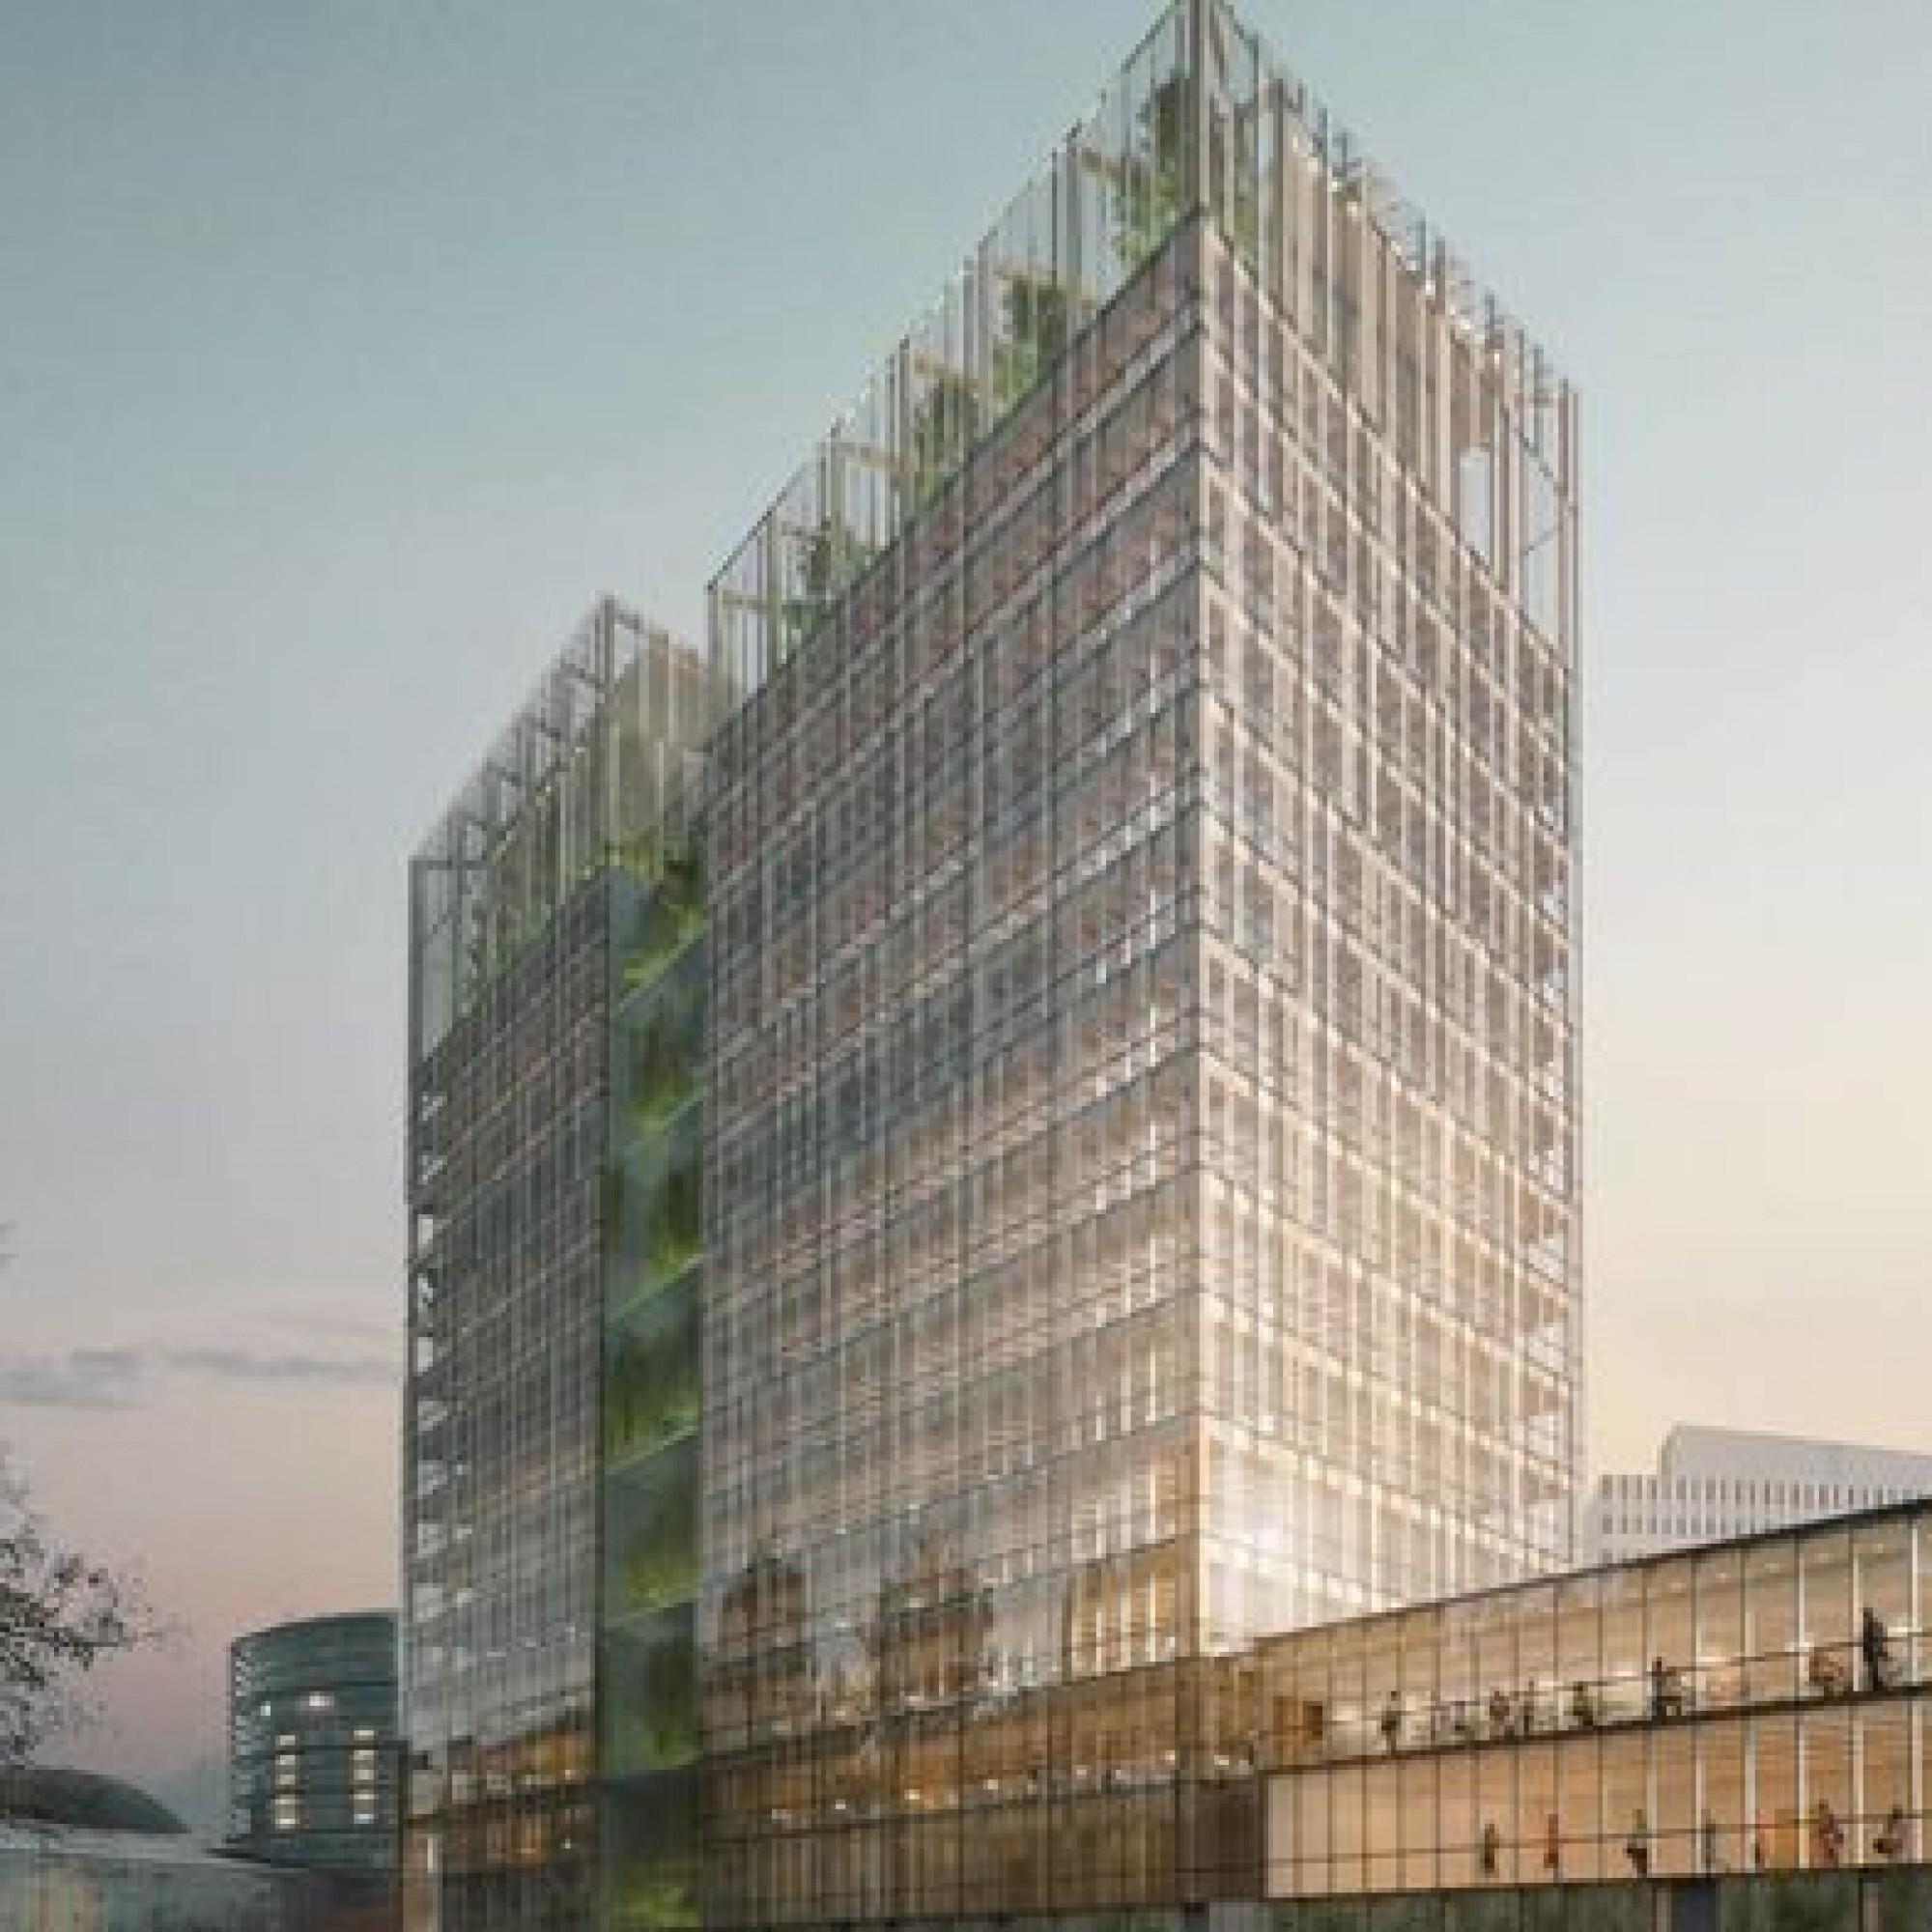 Quinze étages, pour un coût de 80 millions d'euros, abandonnés en raison de la crise sanitaire